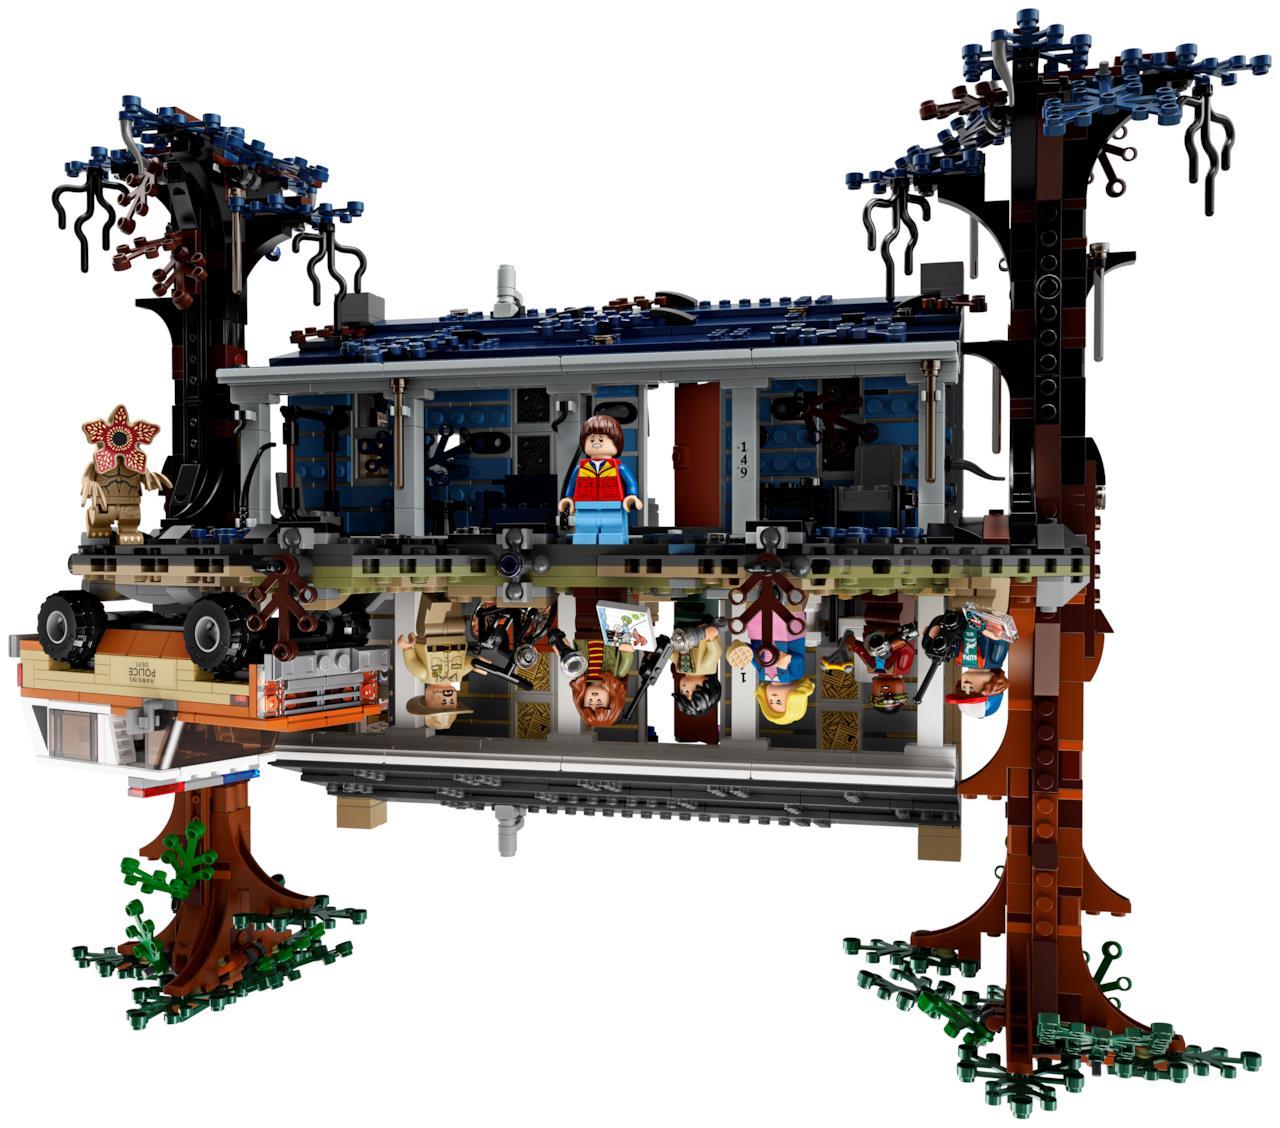 Il set LEGO di Stranger Things si può esporre in due modi diversi mostrando il mondo reale o il Sottosopra, in questa immagine è mostrato il Sottosopra